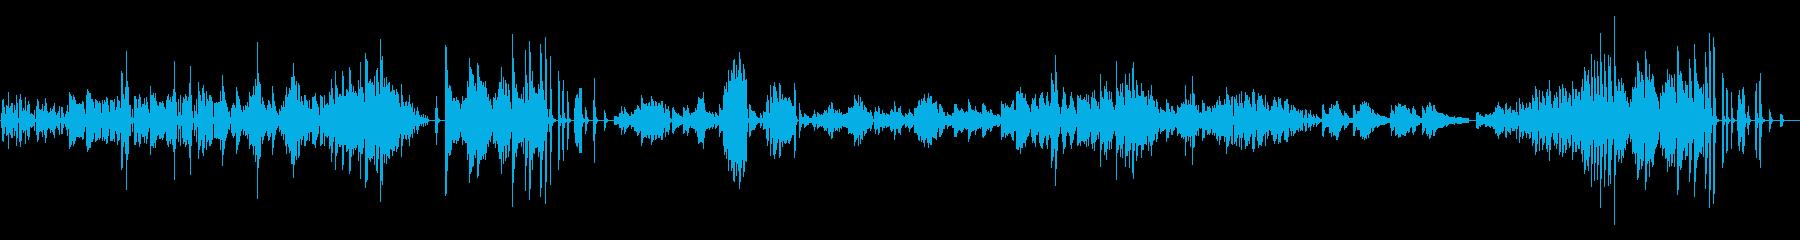 クロード・ドビュッシー。印象派の音...の再生済みの波形